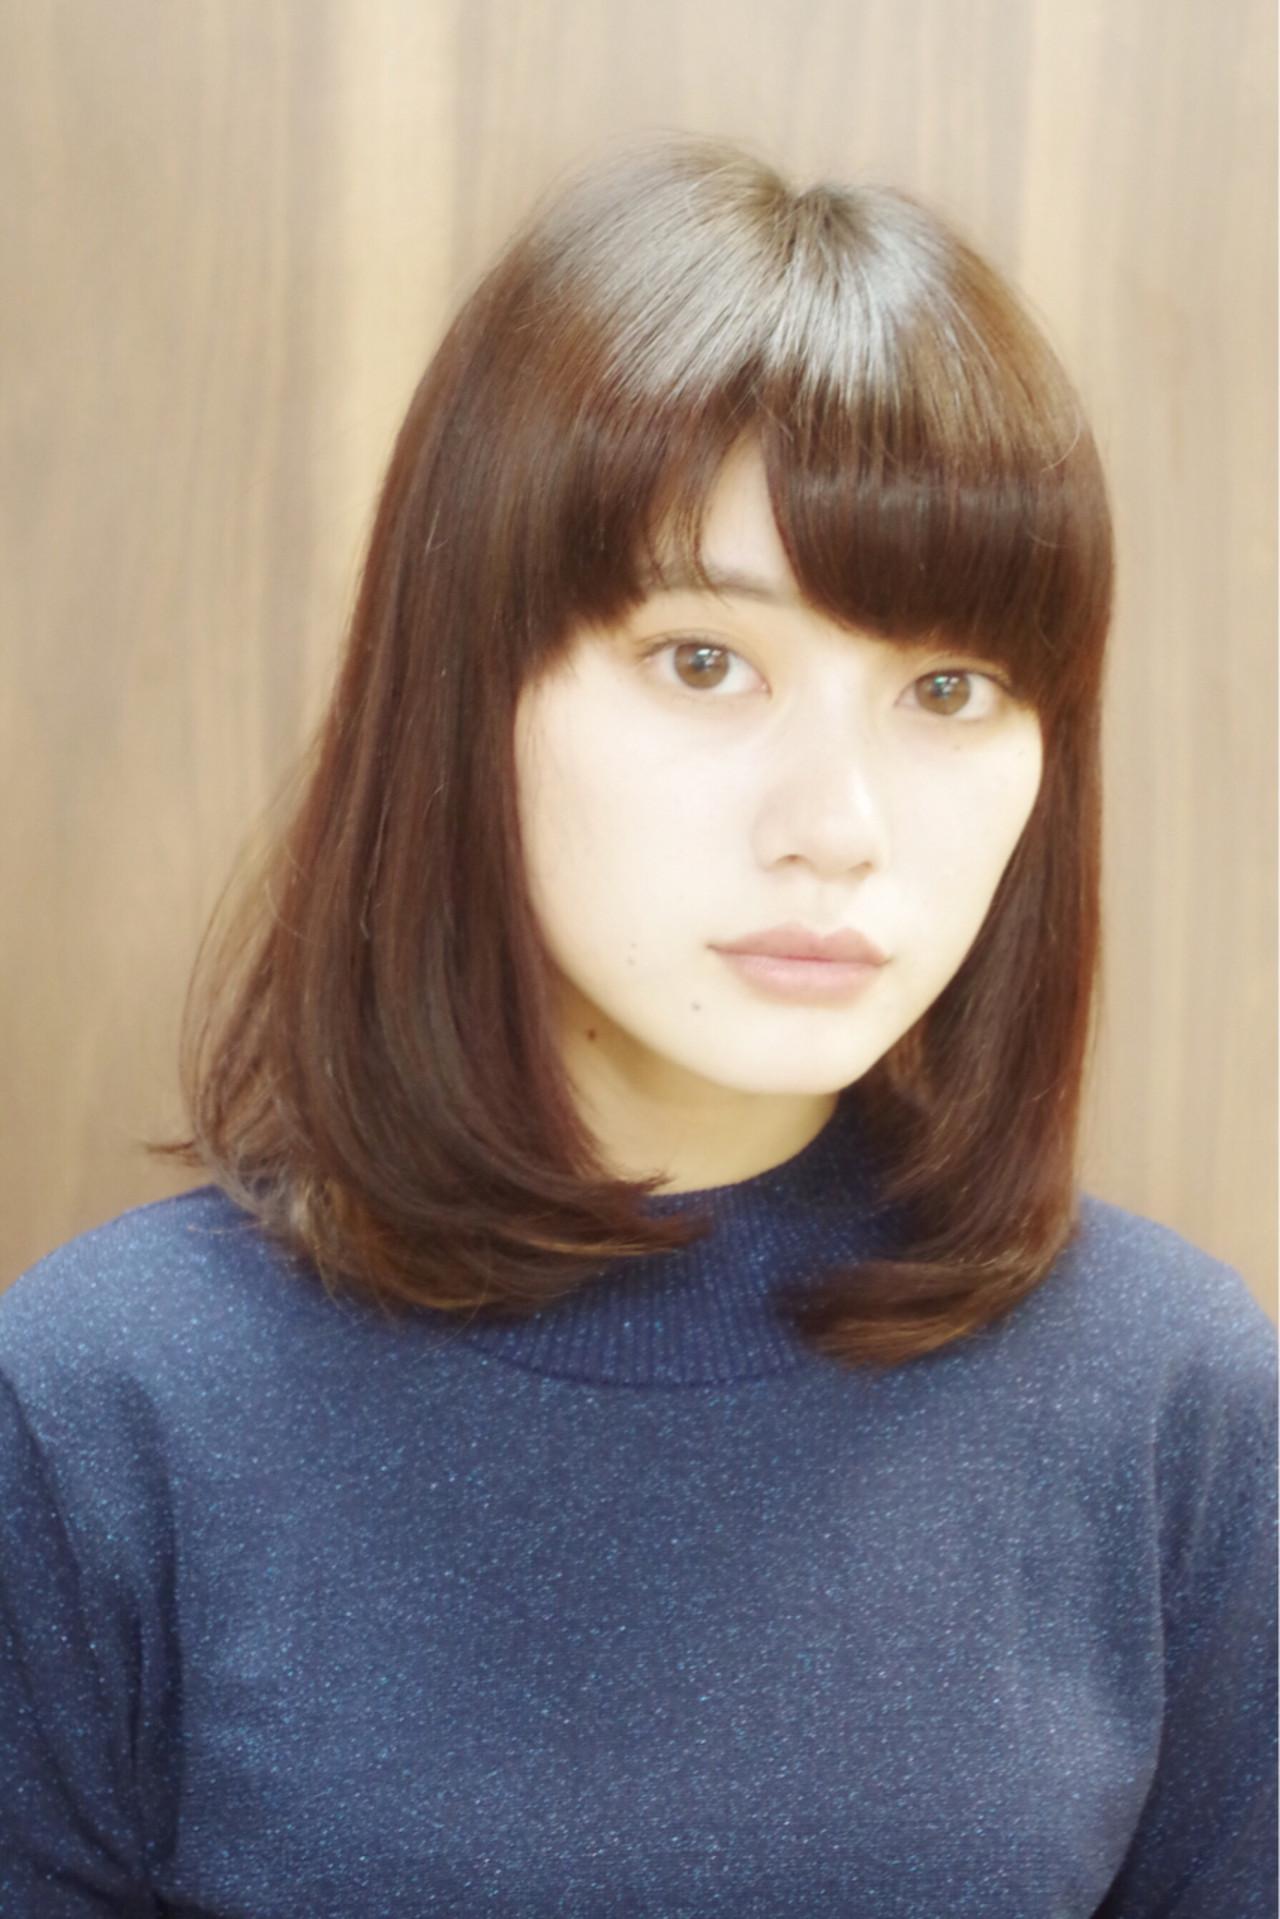 ミディアム フェミニン 大人かわいい 前髪あり ヘアスタイルや髪型の写真・画像 | 山本悠平 / hair salon nano